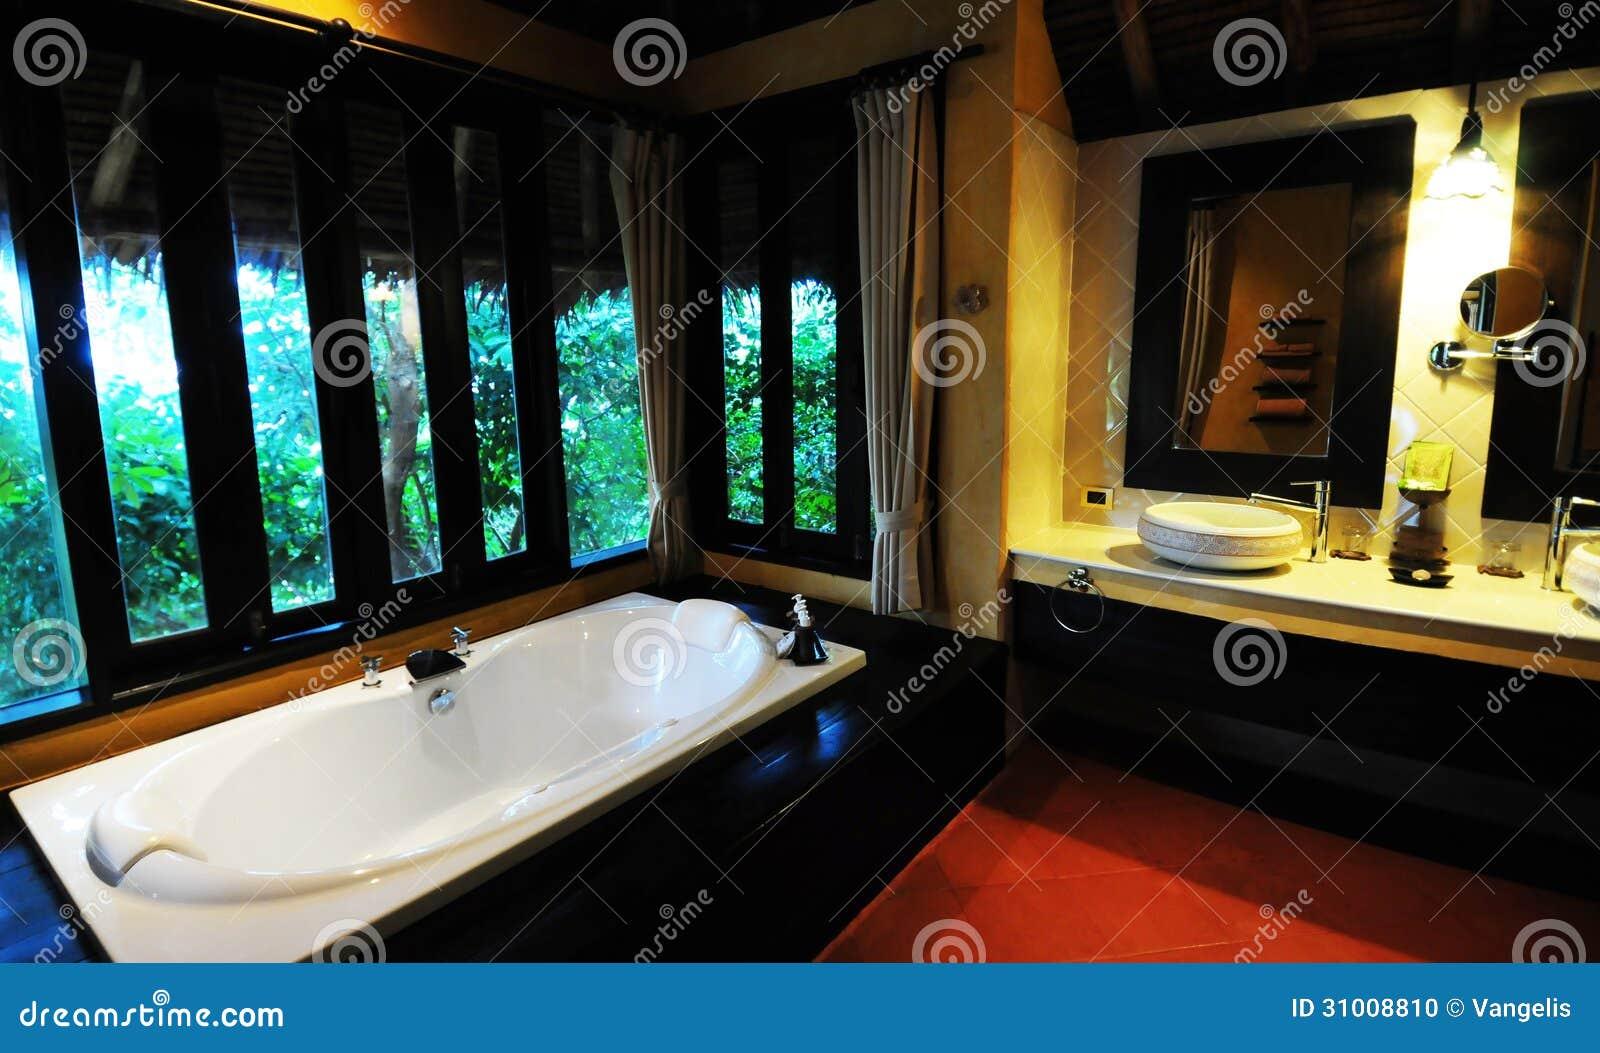 Salle De Bain Luxueuse D Hotel : Salle de bains d hôtel en thaïlande photo stock image